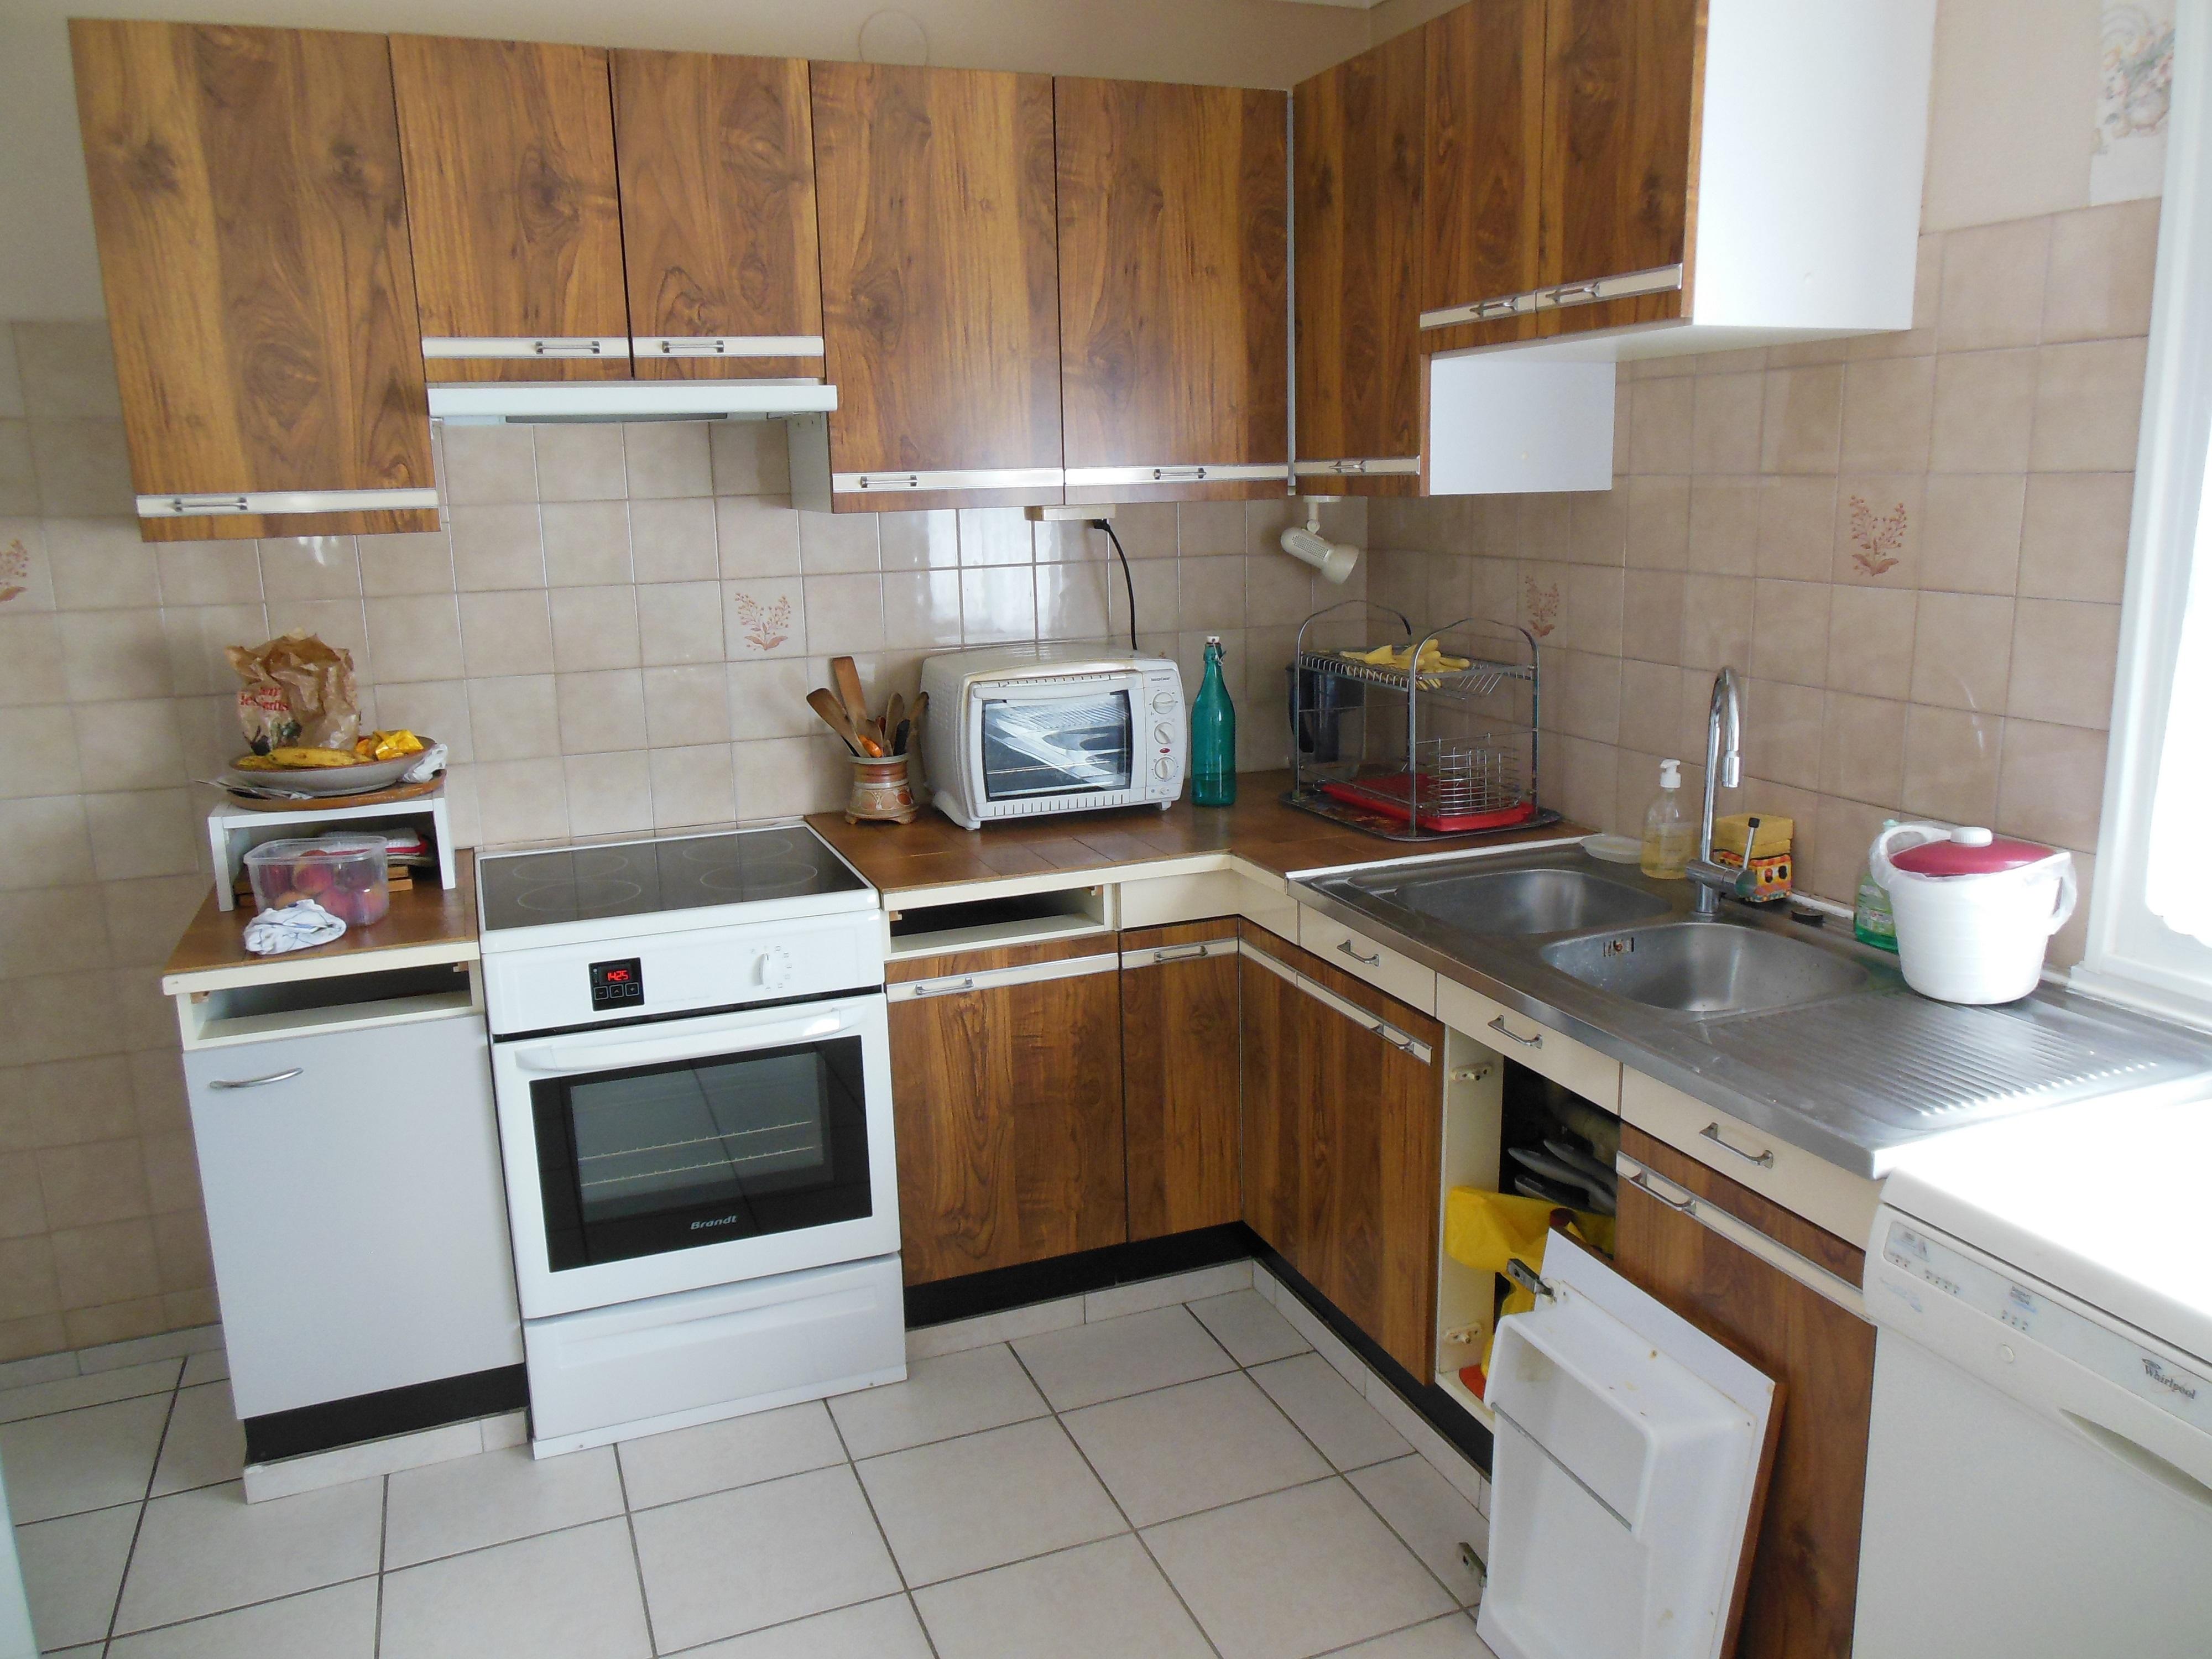 Relooker ou relooking profesionnel de votre cuiisne avec garantie de tenue des produits - Relooker meuble cuisine ...